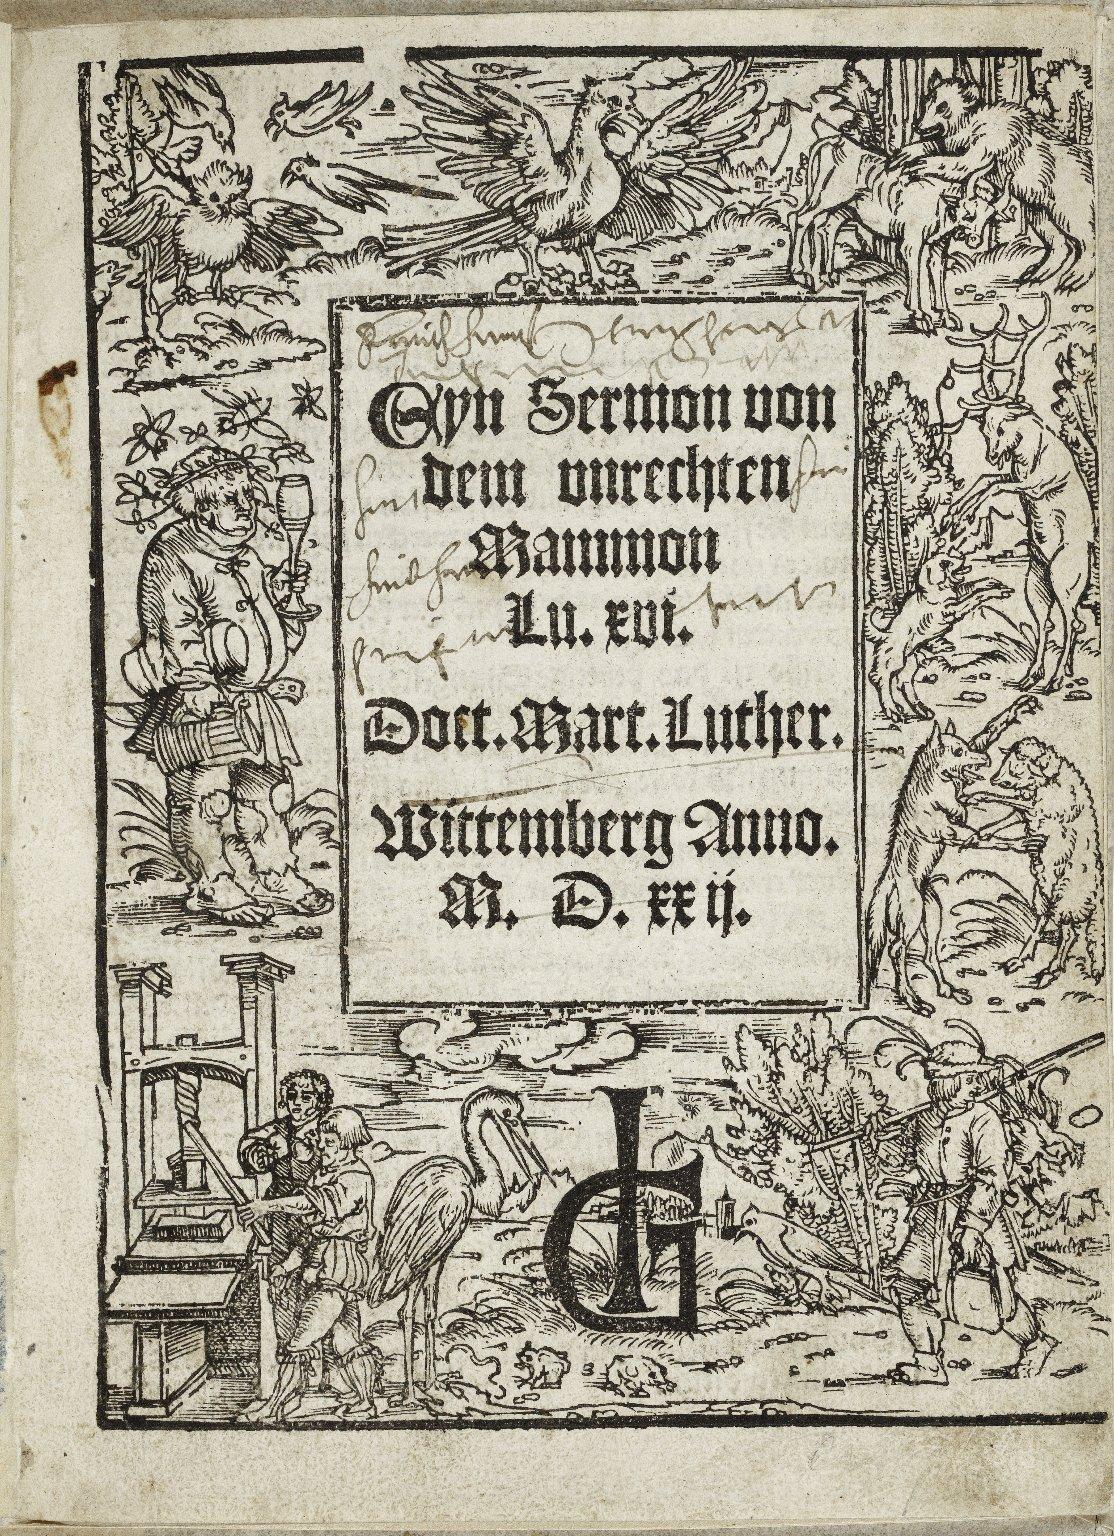 Eyn Sermon von dem vnrechten Mammon Lu. xvi / Doct. Mart. Luther.